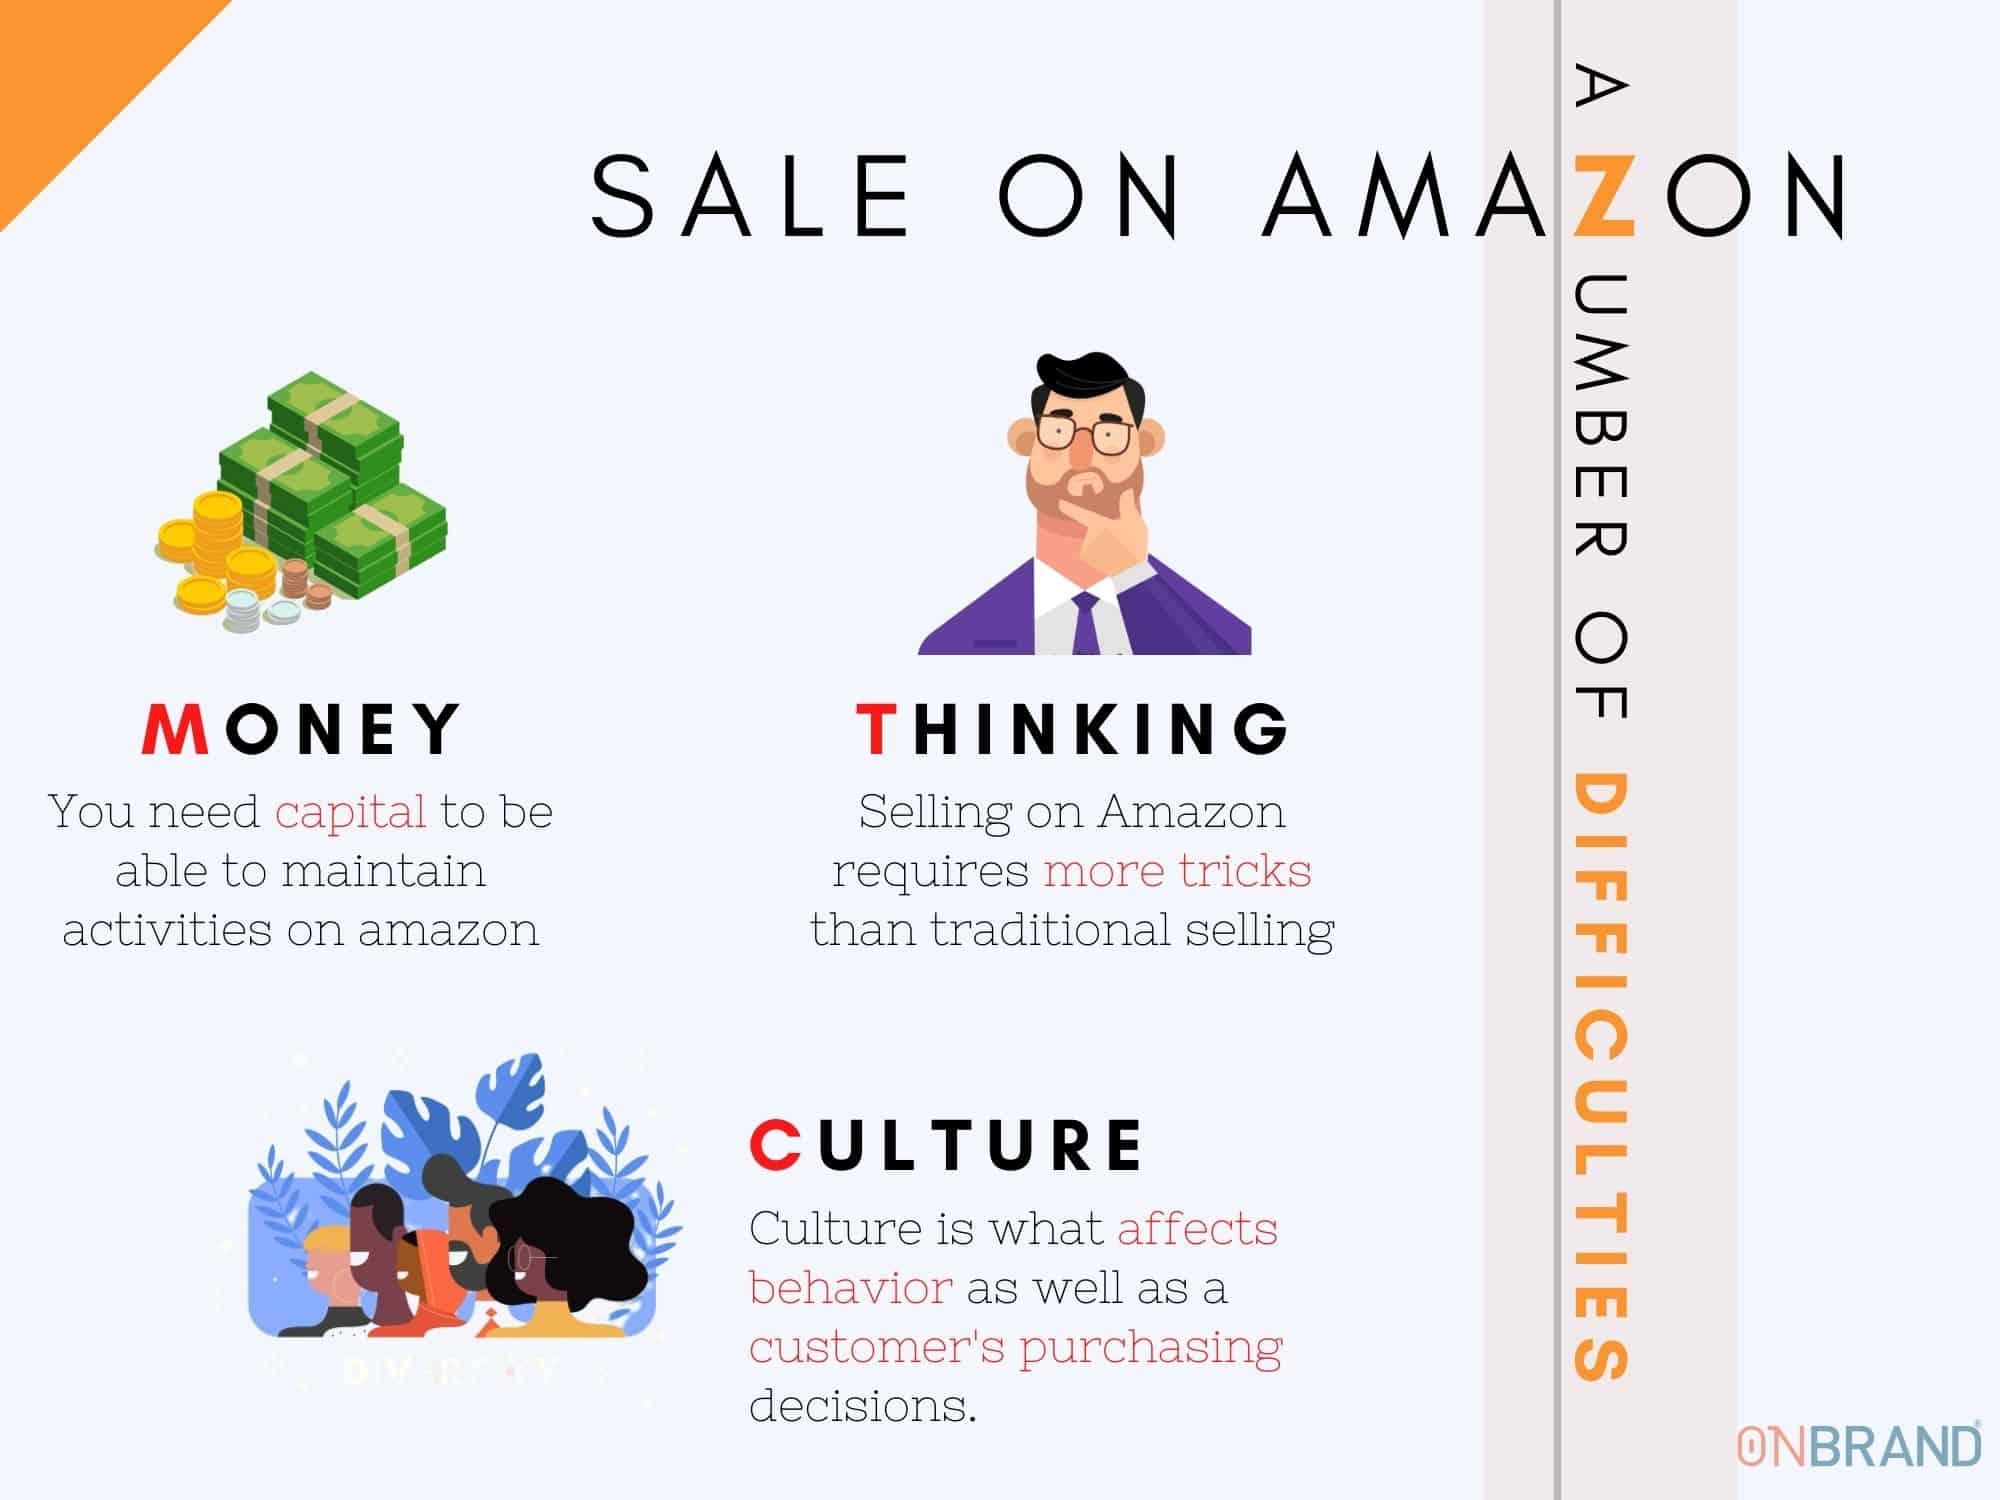 Hướng dẫn cách bán hàng trên Amazon cho người mới bắt đầu, áp dụng ngay!